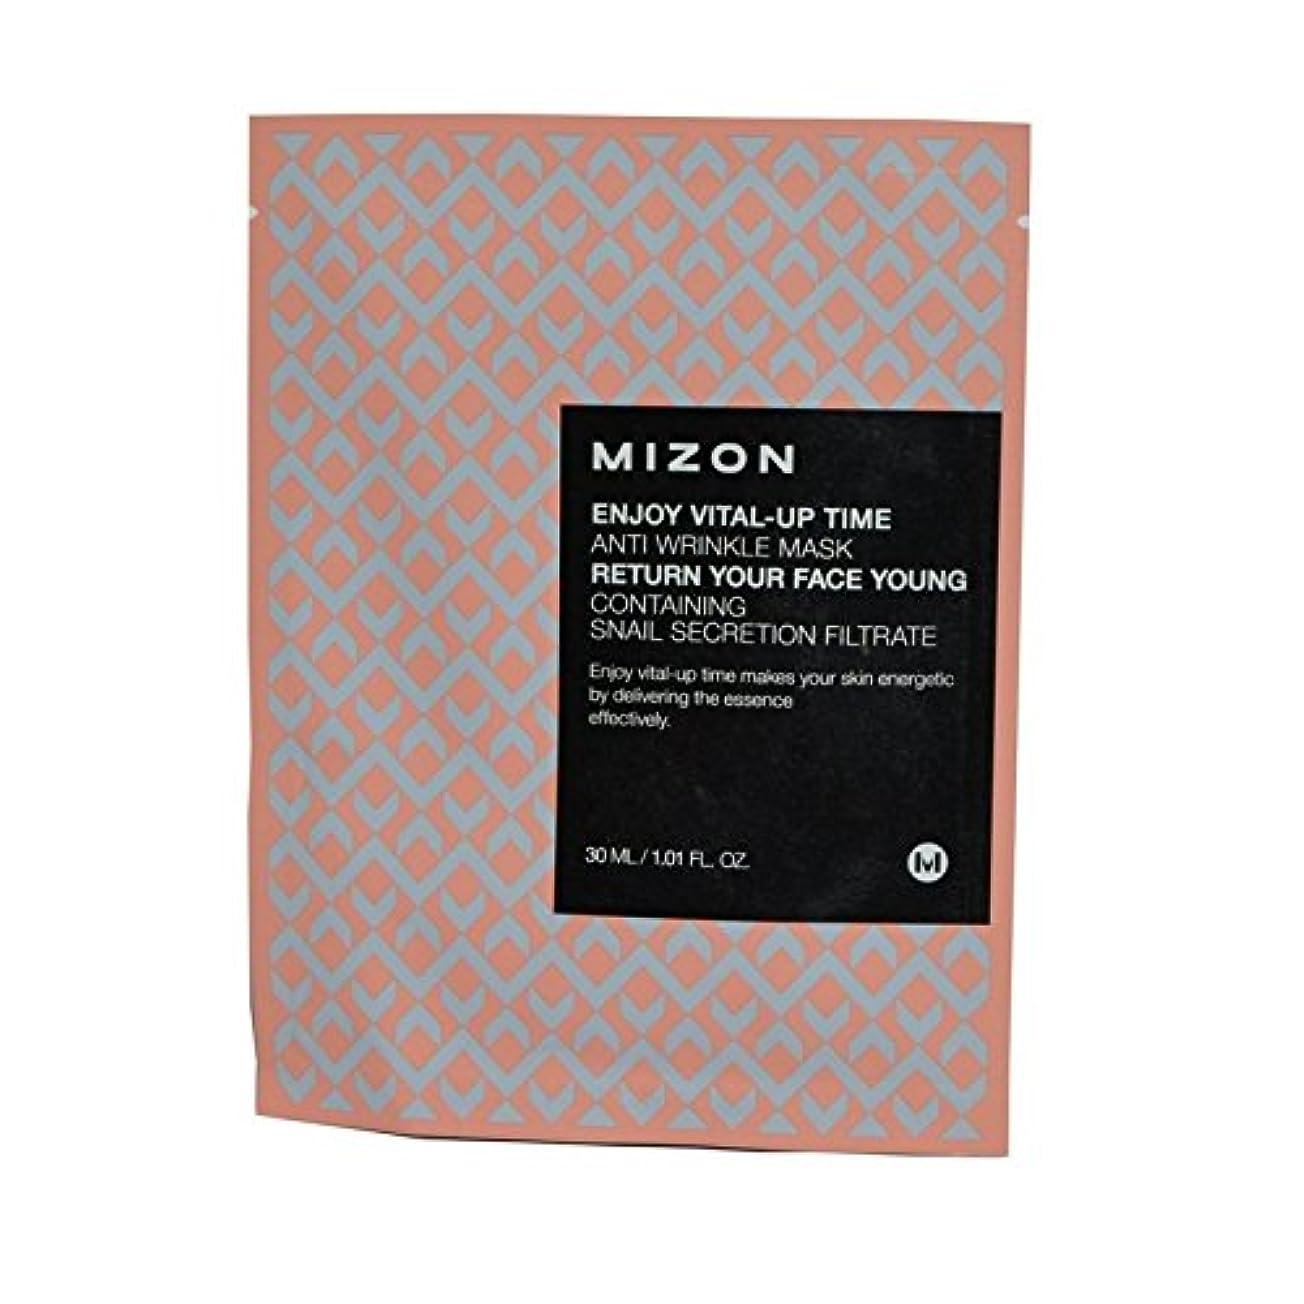 少なくとも草資本主義が不可欠アップ時間抗しわマスクを楽しみます x2 - Mizon Enjoy Vital Up Time Anti-Wrinkle Mask (Pack of 2) [並行輸入品]